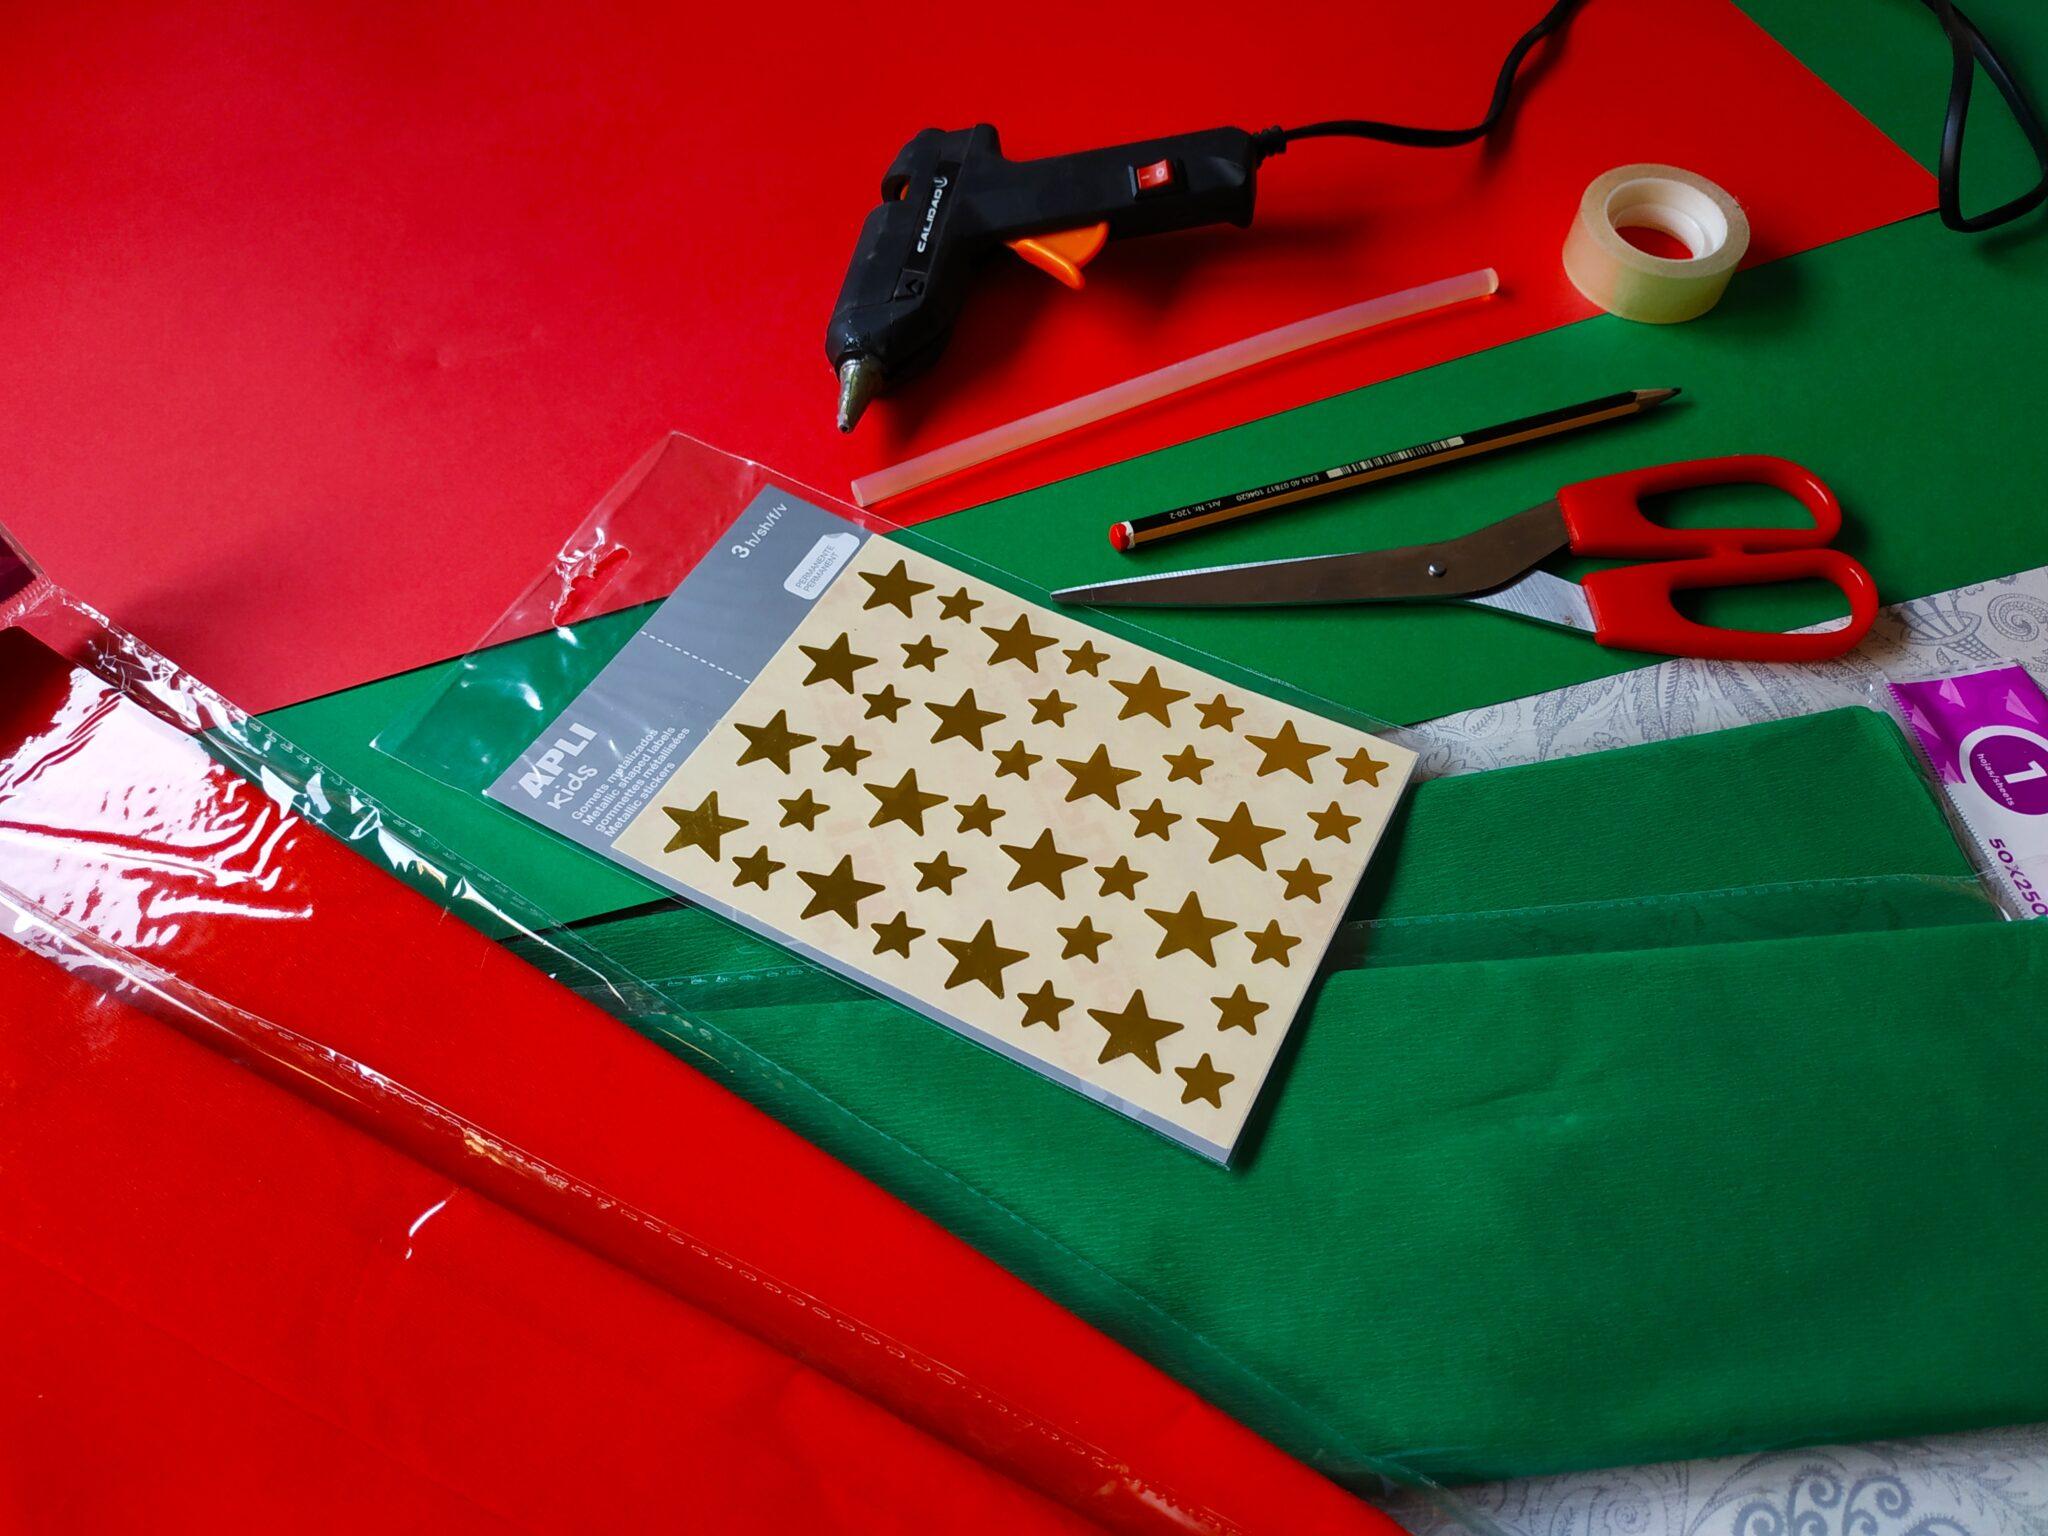 IMG 20191111 175811 - Manualidades para decoración navideña